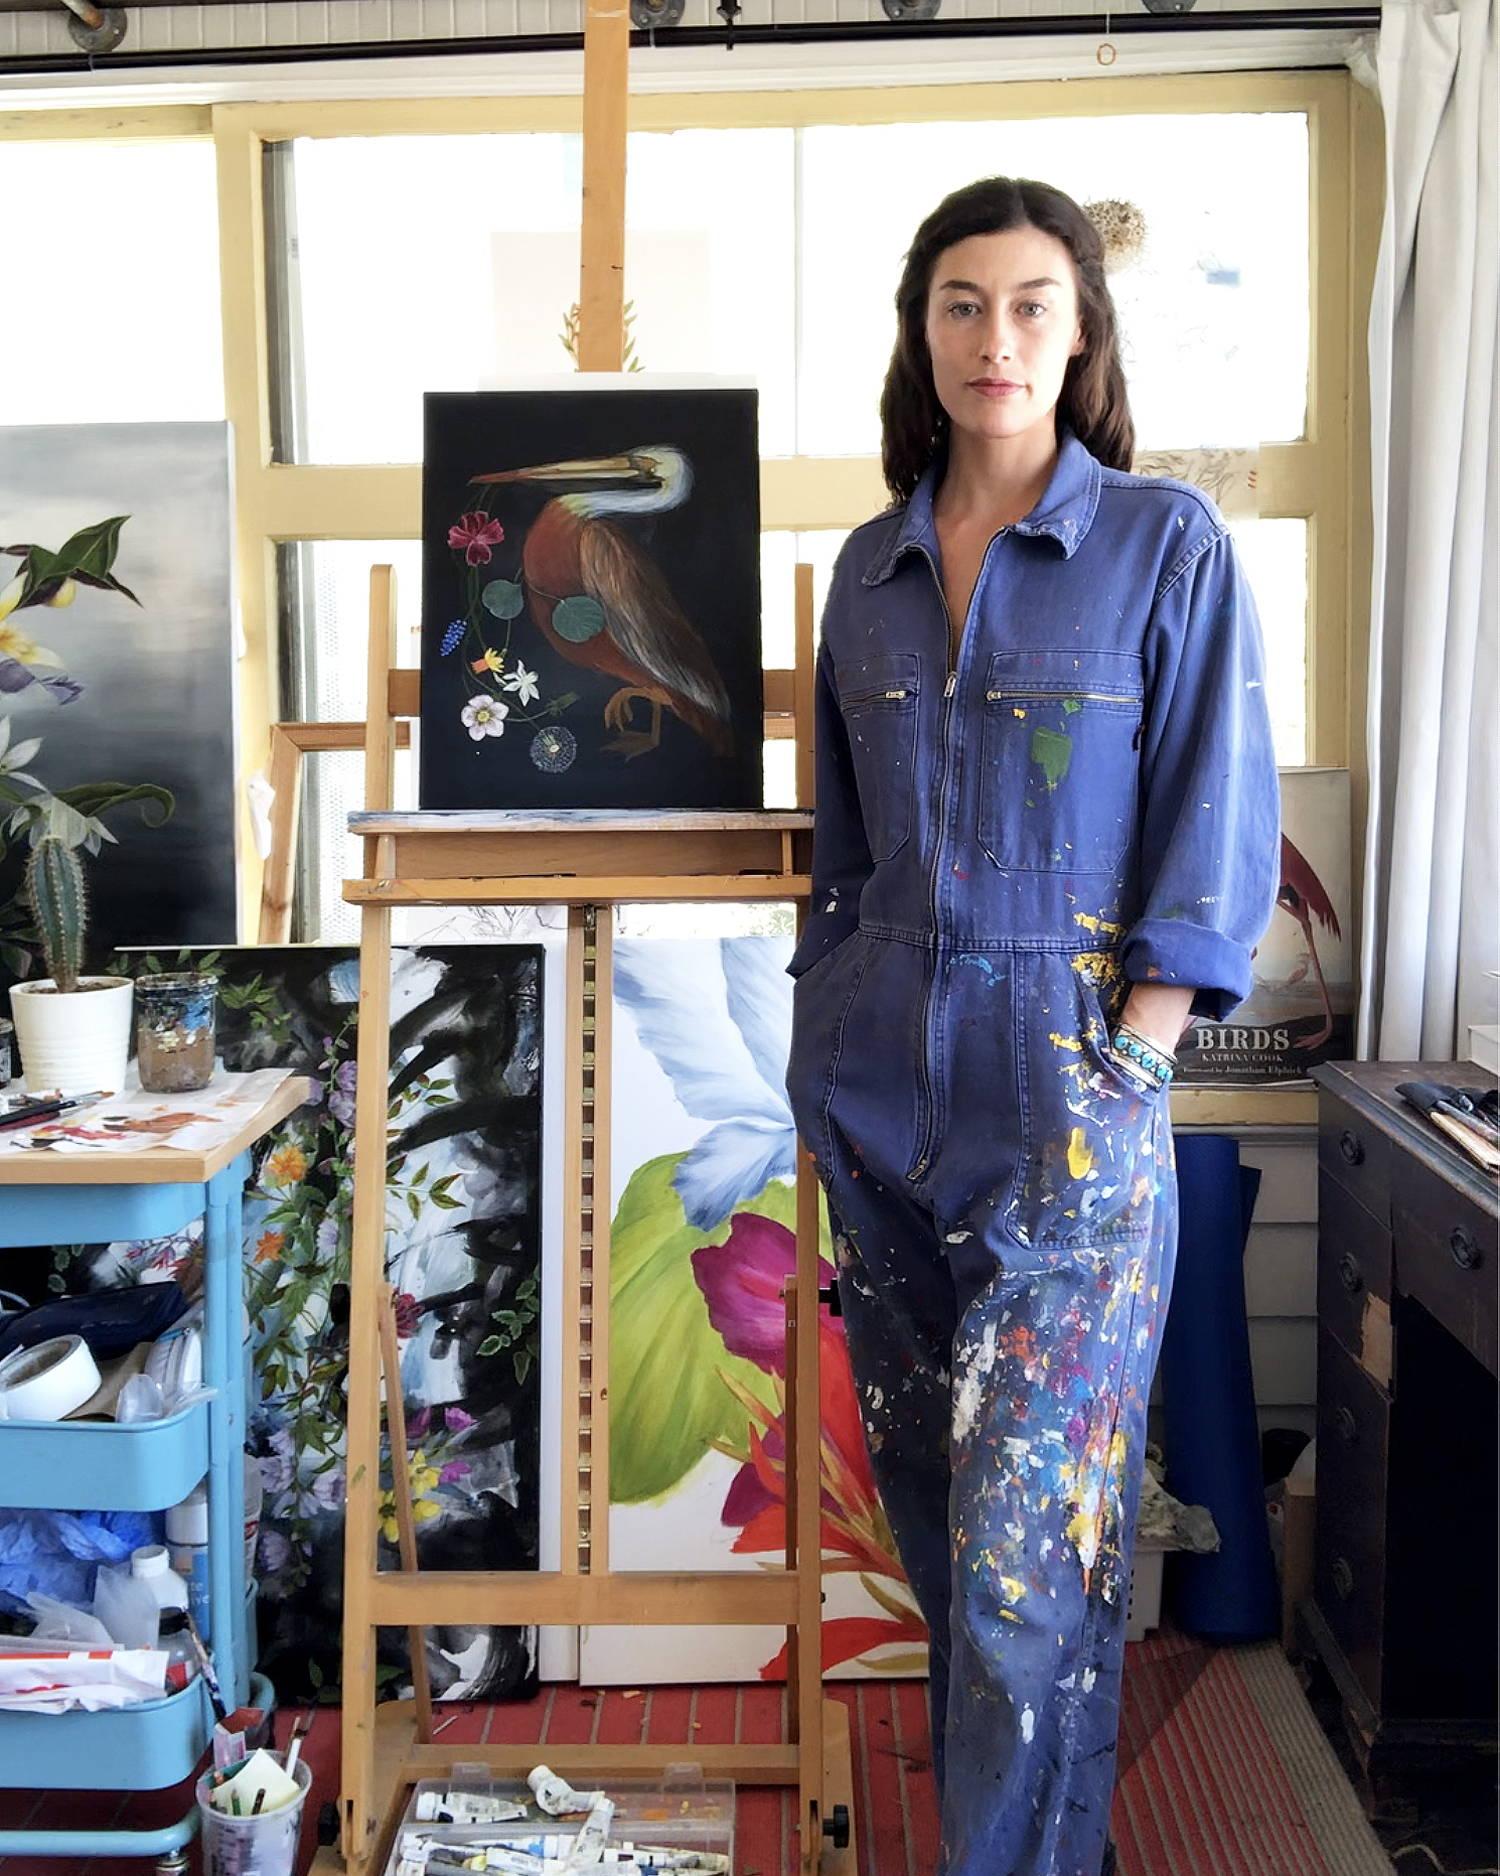 Velia De Iluiis in her art studio